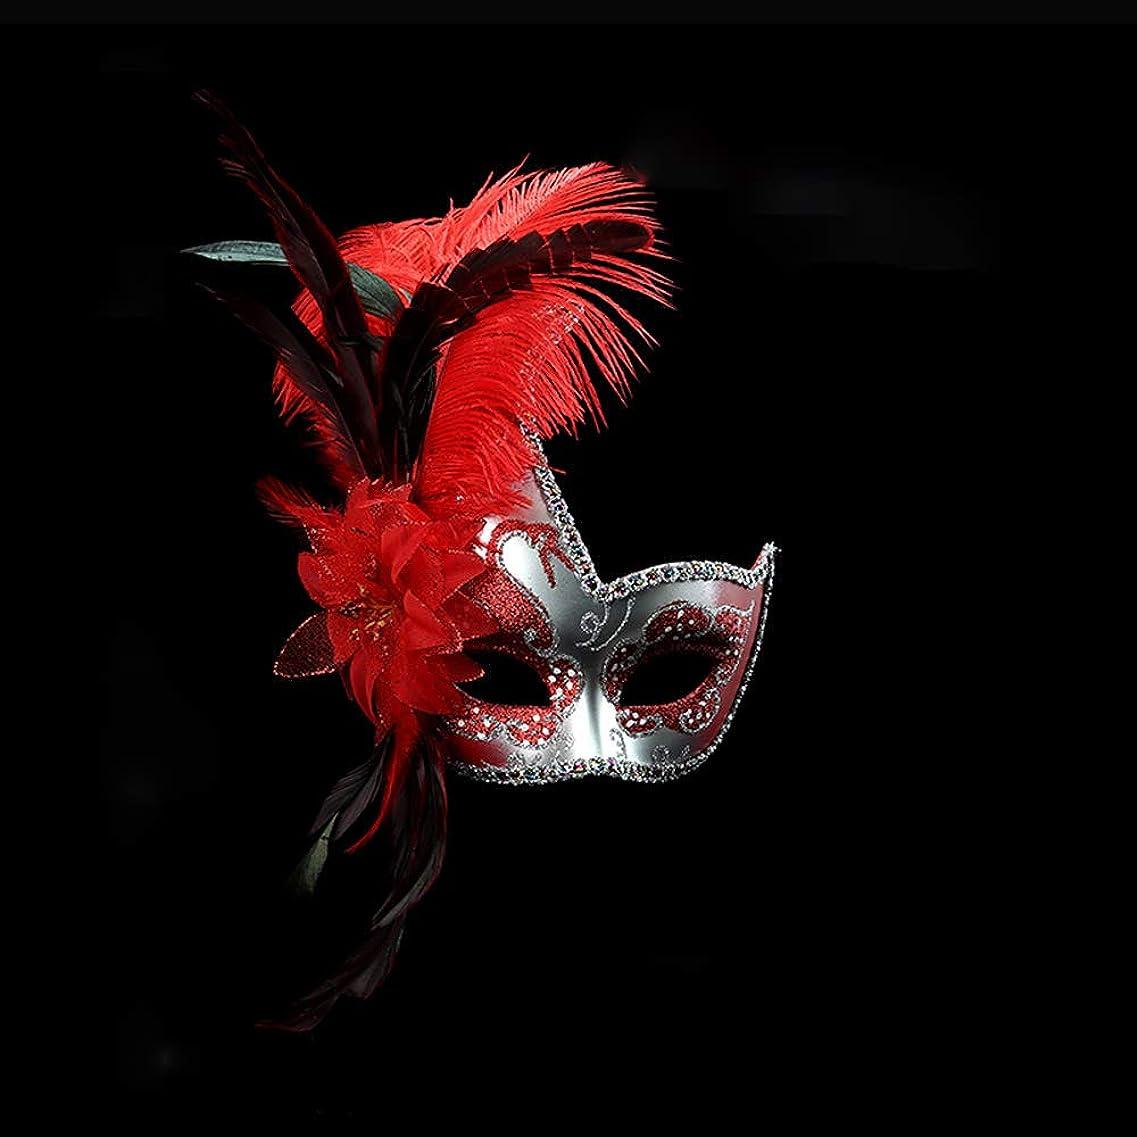 謎めいたお祝いラッドヤードキップリングNanle ハロウィンマスクハーフフェザーマスクベニスプリンセスマスク美容レース仮面ライダーコスプレ (色 : Red)